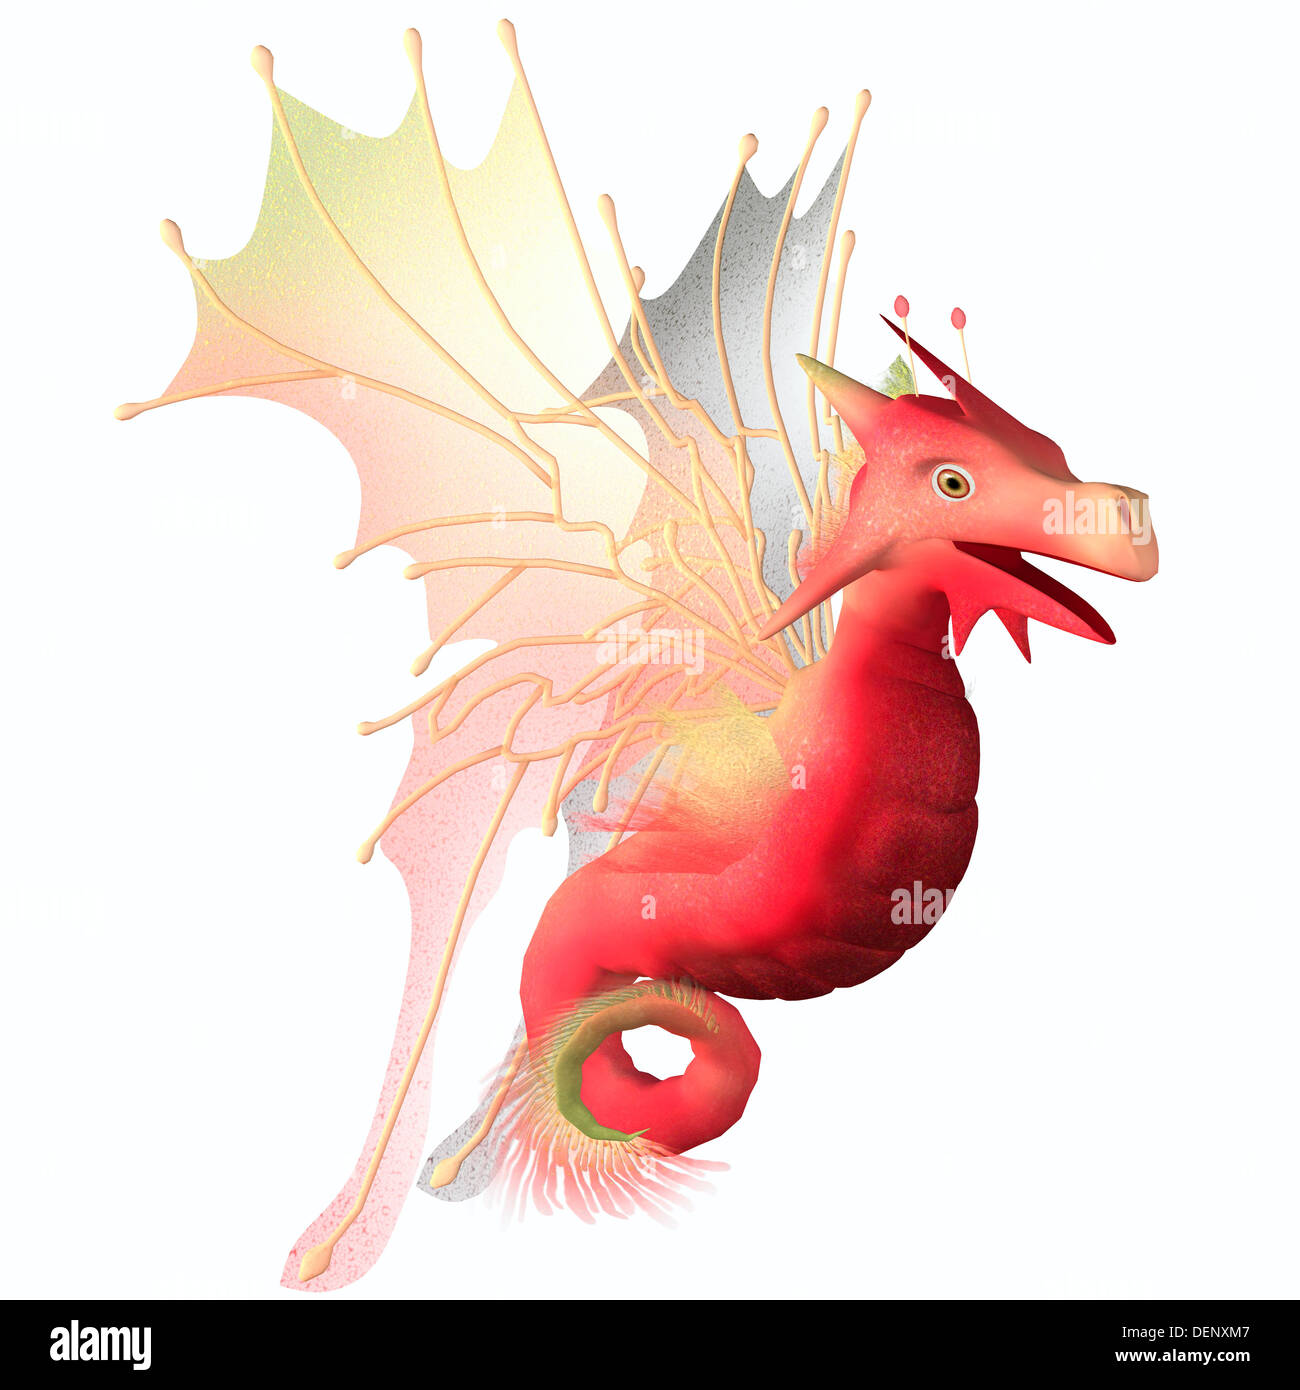 Una criatura de la mitología y fantasía el dragón es un animal amigable con cuernos y alas. Imagen De Stock